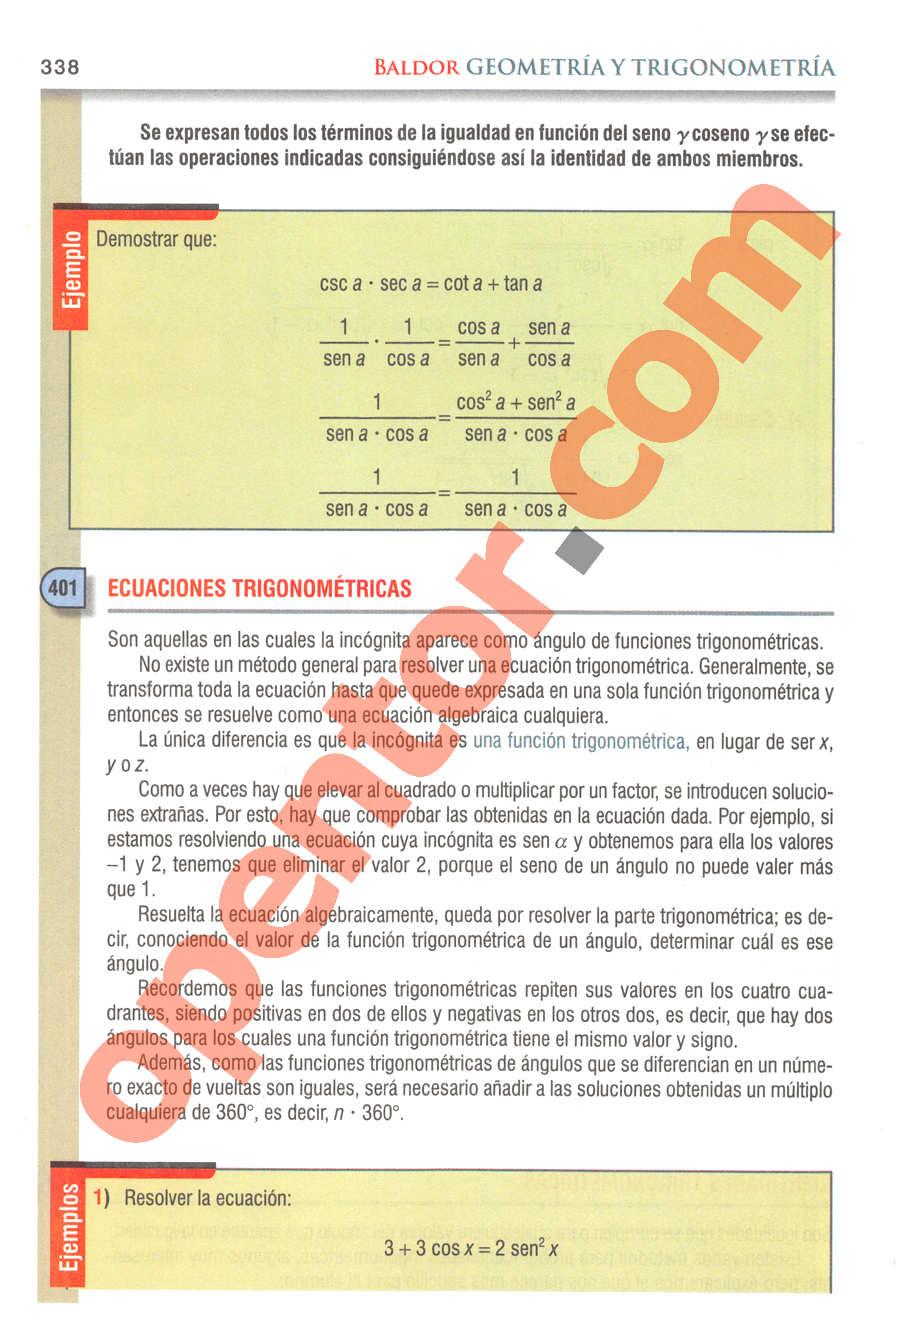 Geometría y Trigonometría de Baldor - Página 338